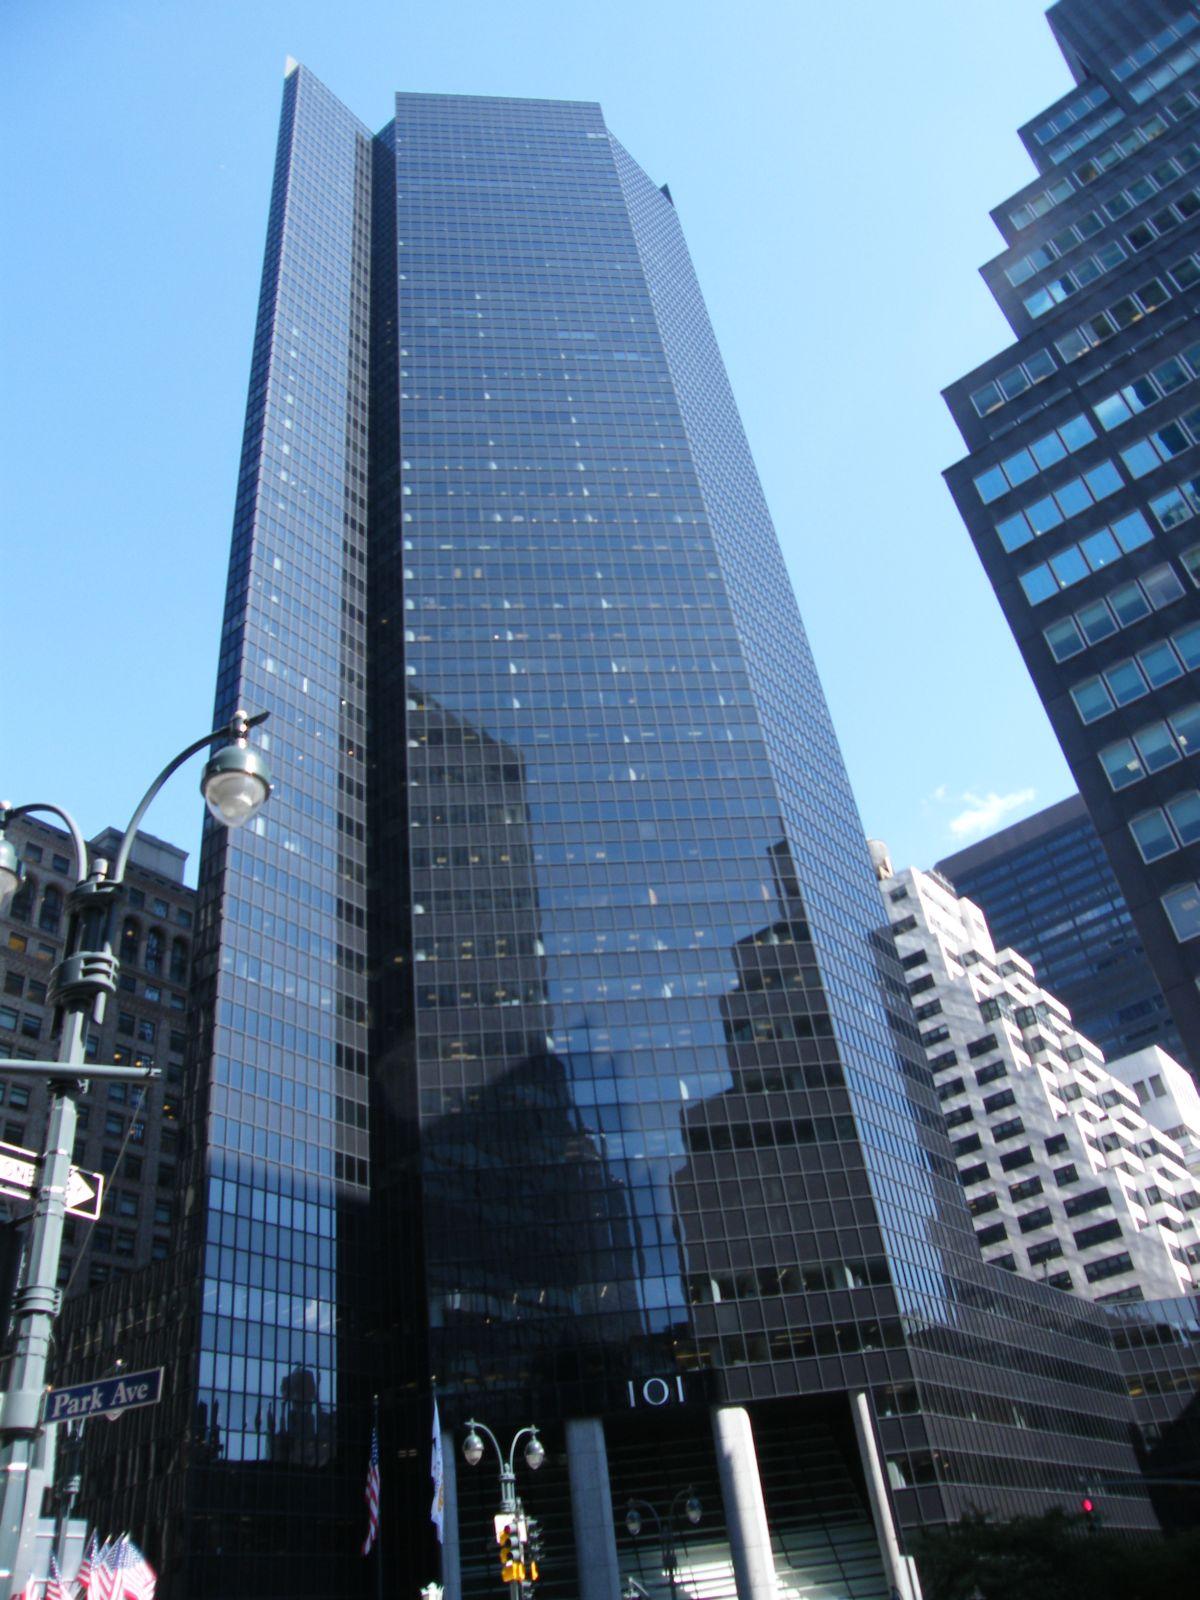 101 Park Avenue Wikipedia